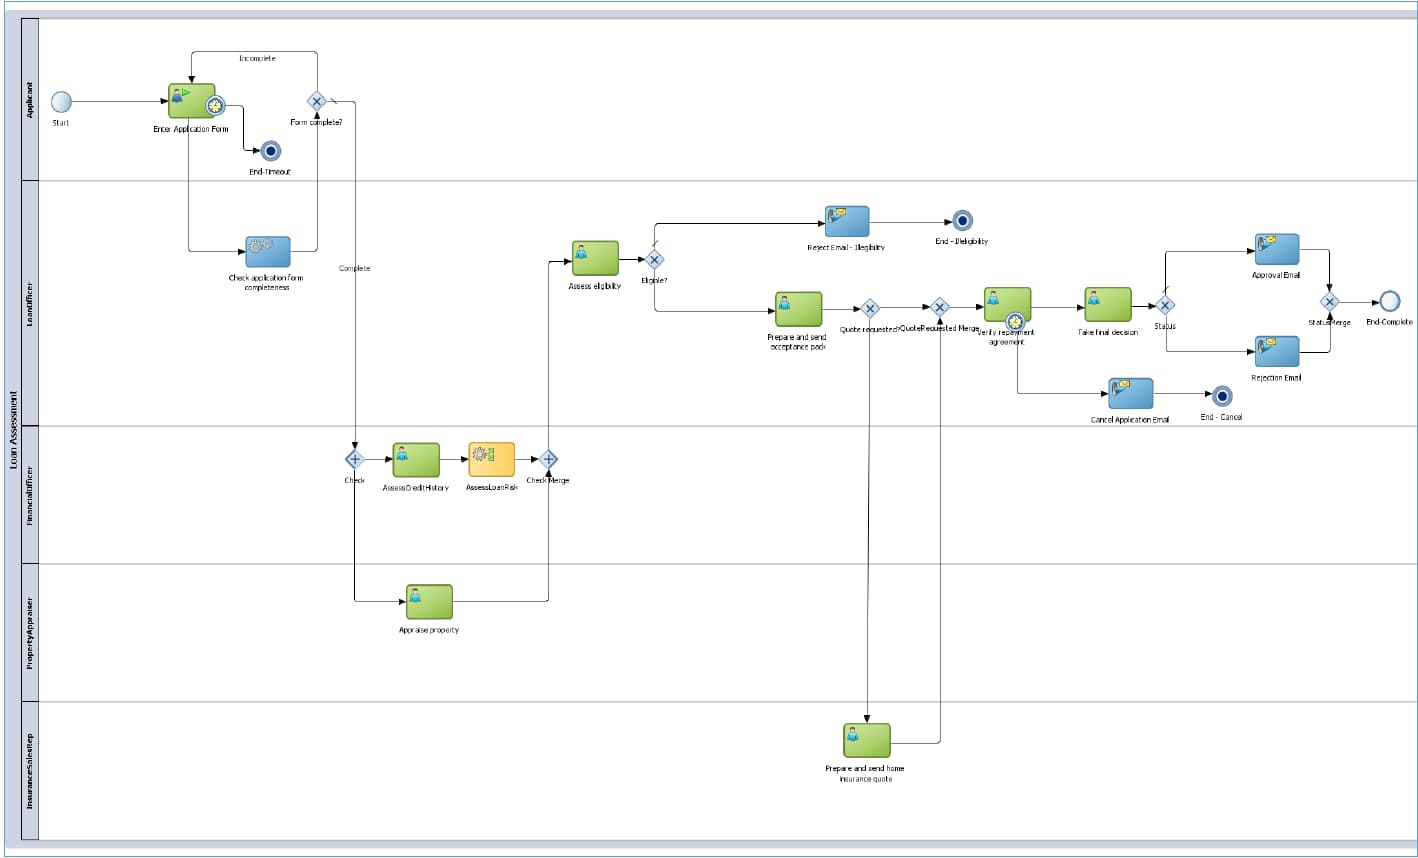 Business Process Management Oracle BPM Suite